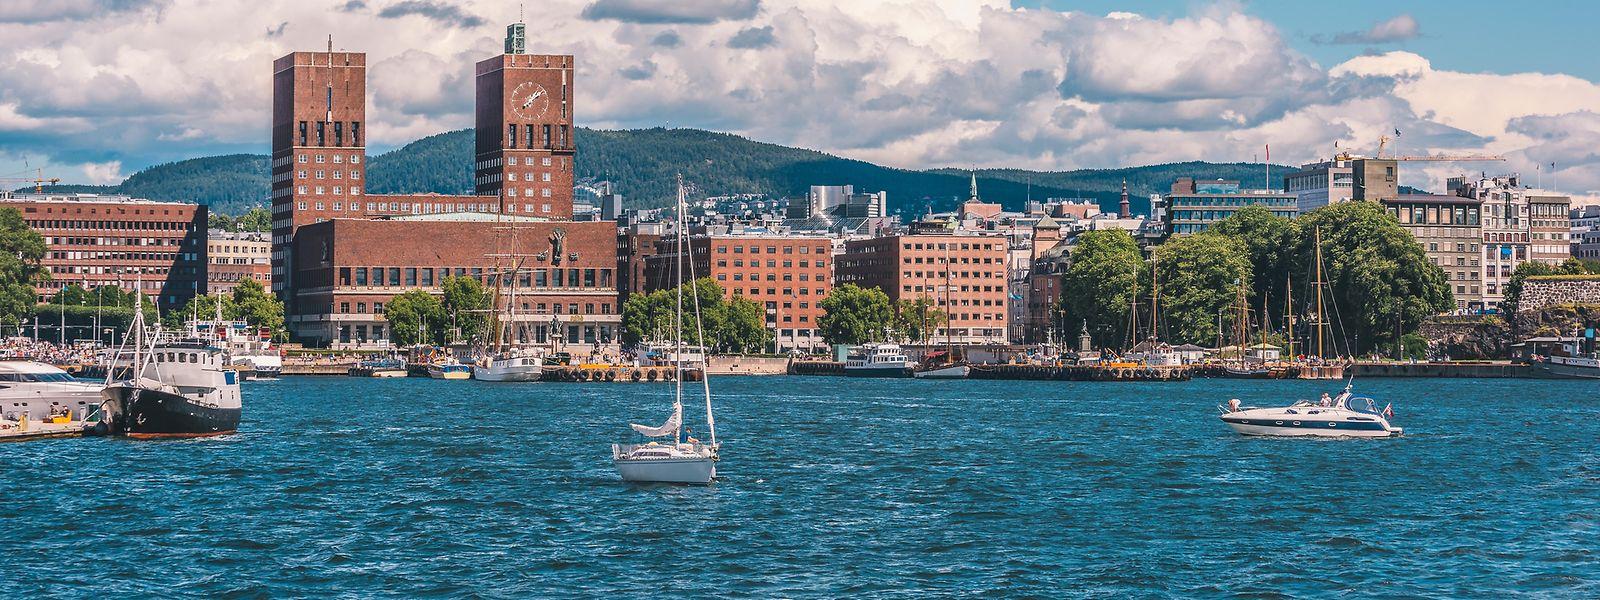 Norwegen (hier die Hauptstadt Oslo) ist äußerst lebenswert - stellte die UN in ihrer Studie fest.